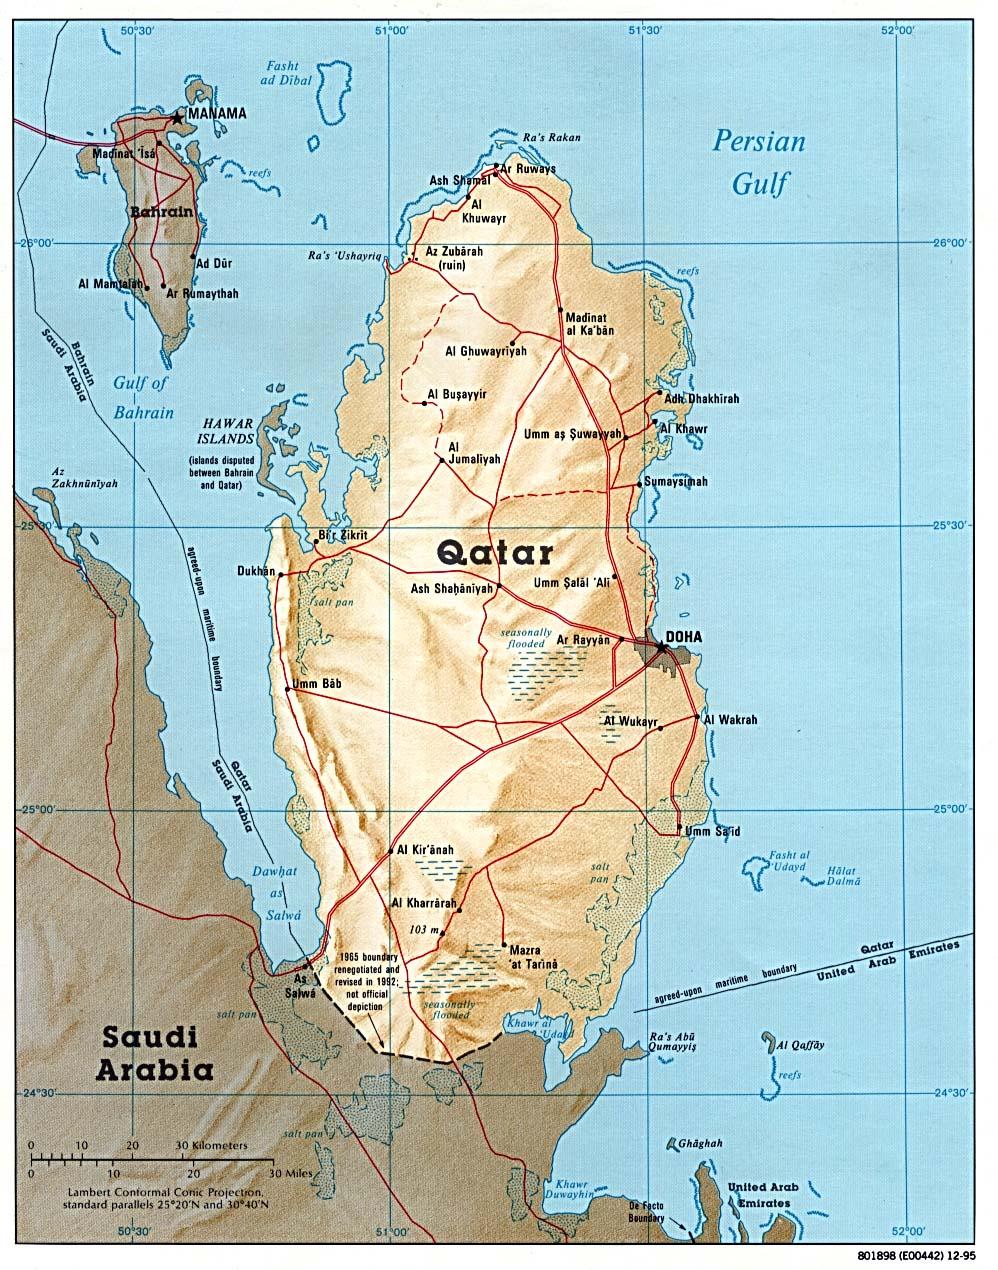 Qatar_rel95